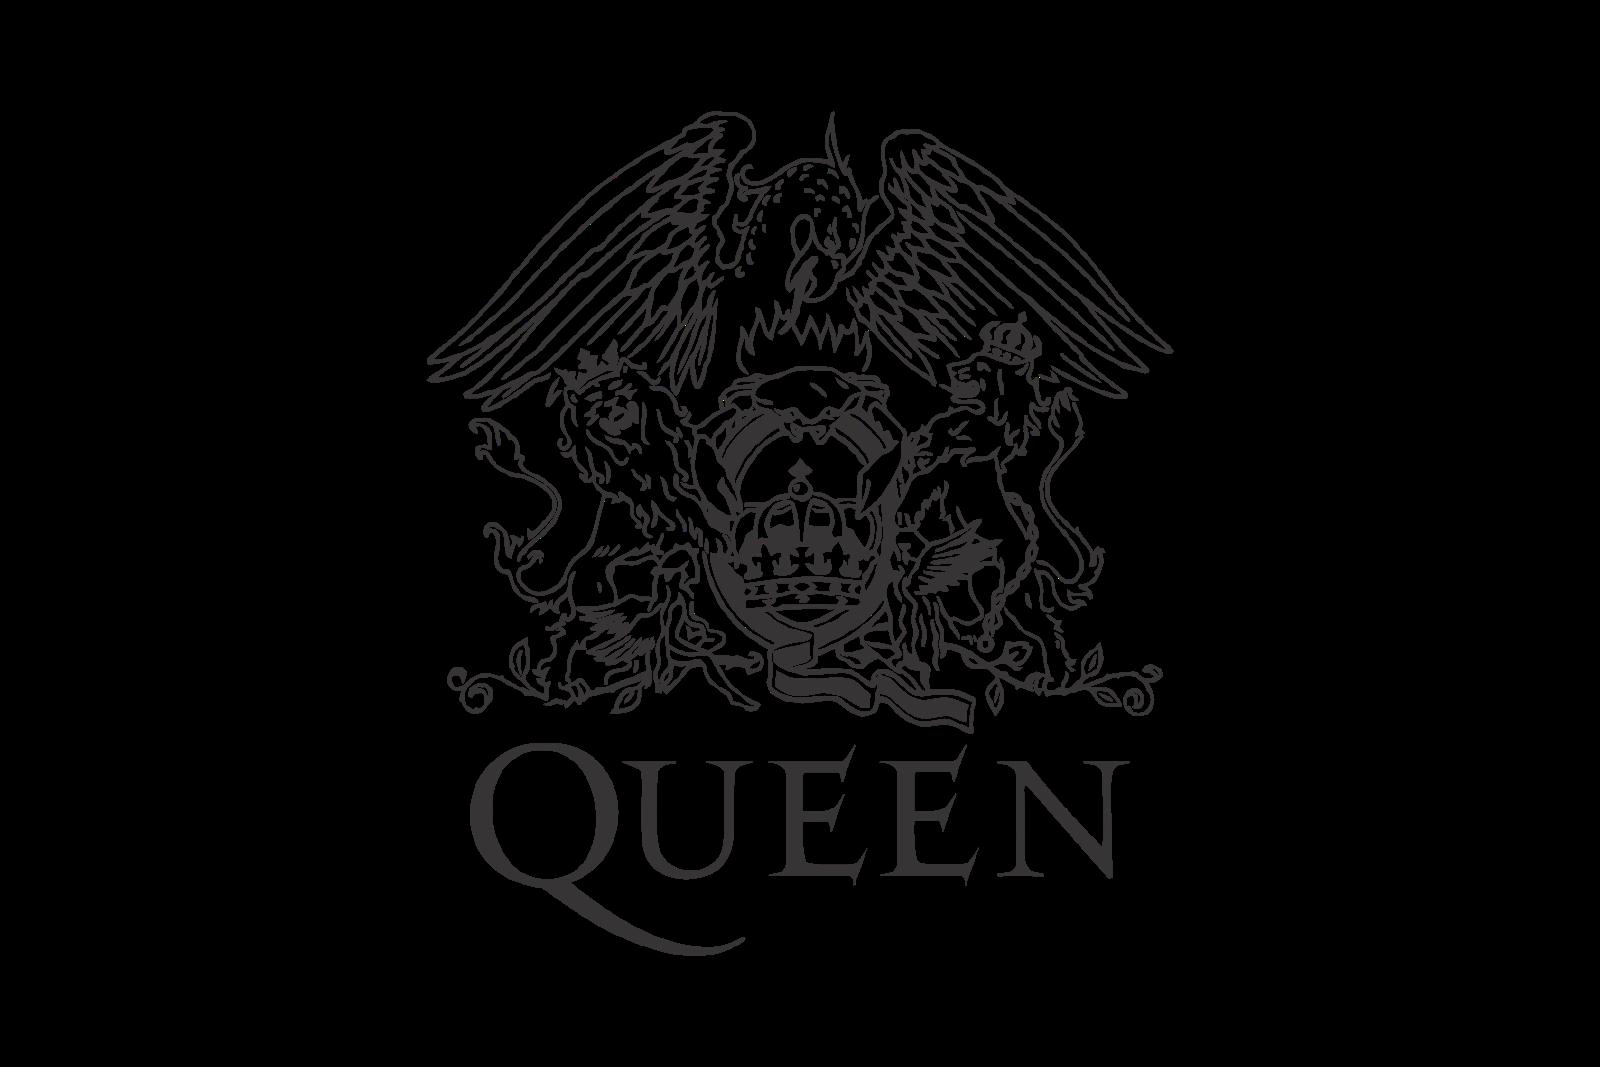 Queen clipart q queen. Logo gallery h a